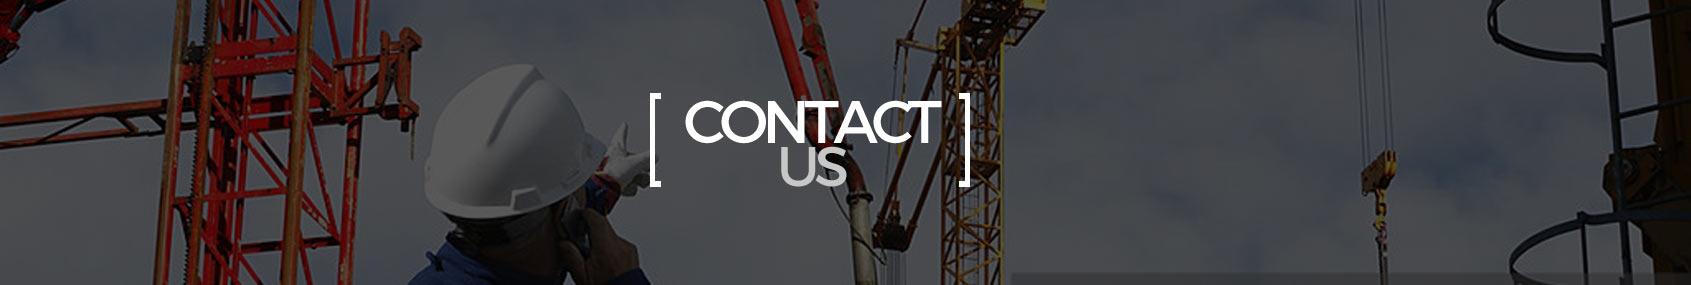 06-contactheader-546